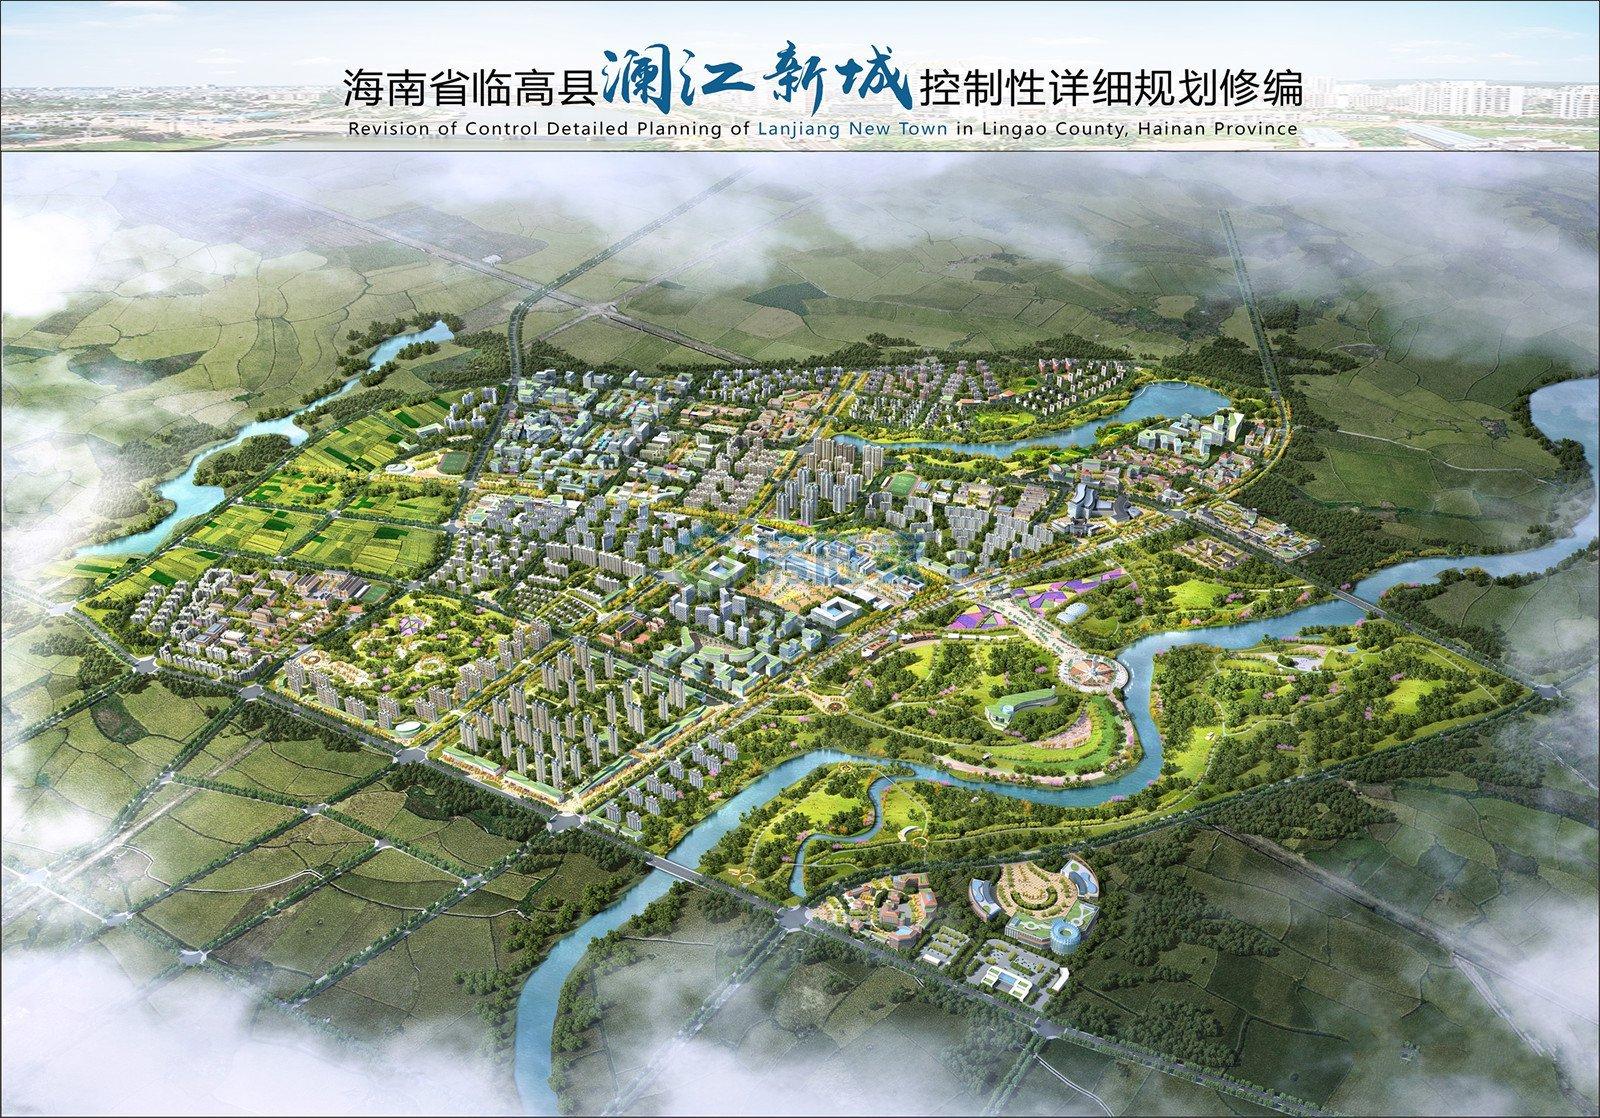 澜江新城总体鸟瞰图